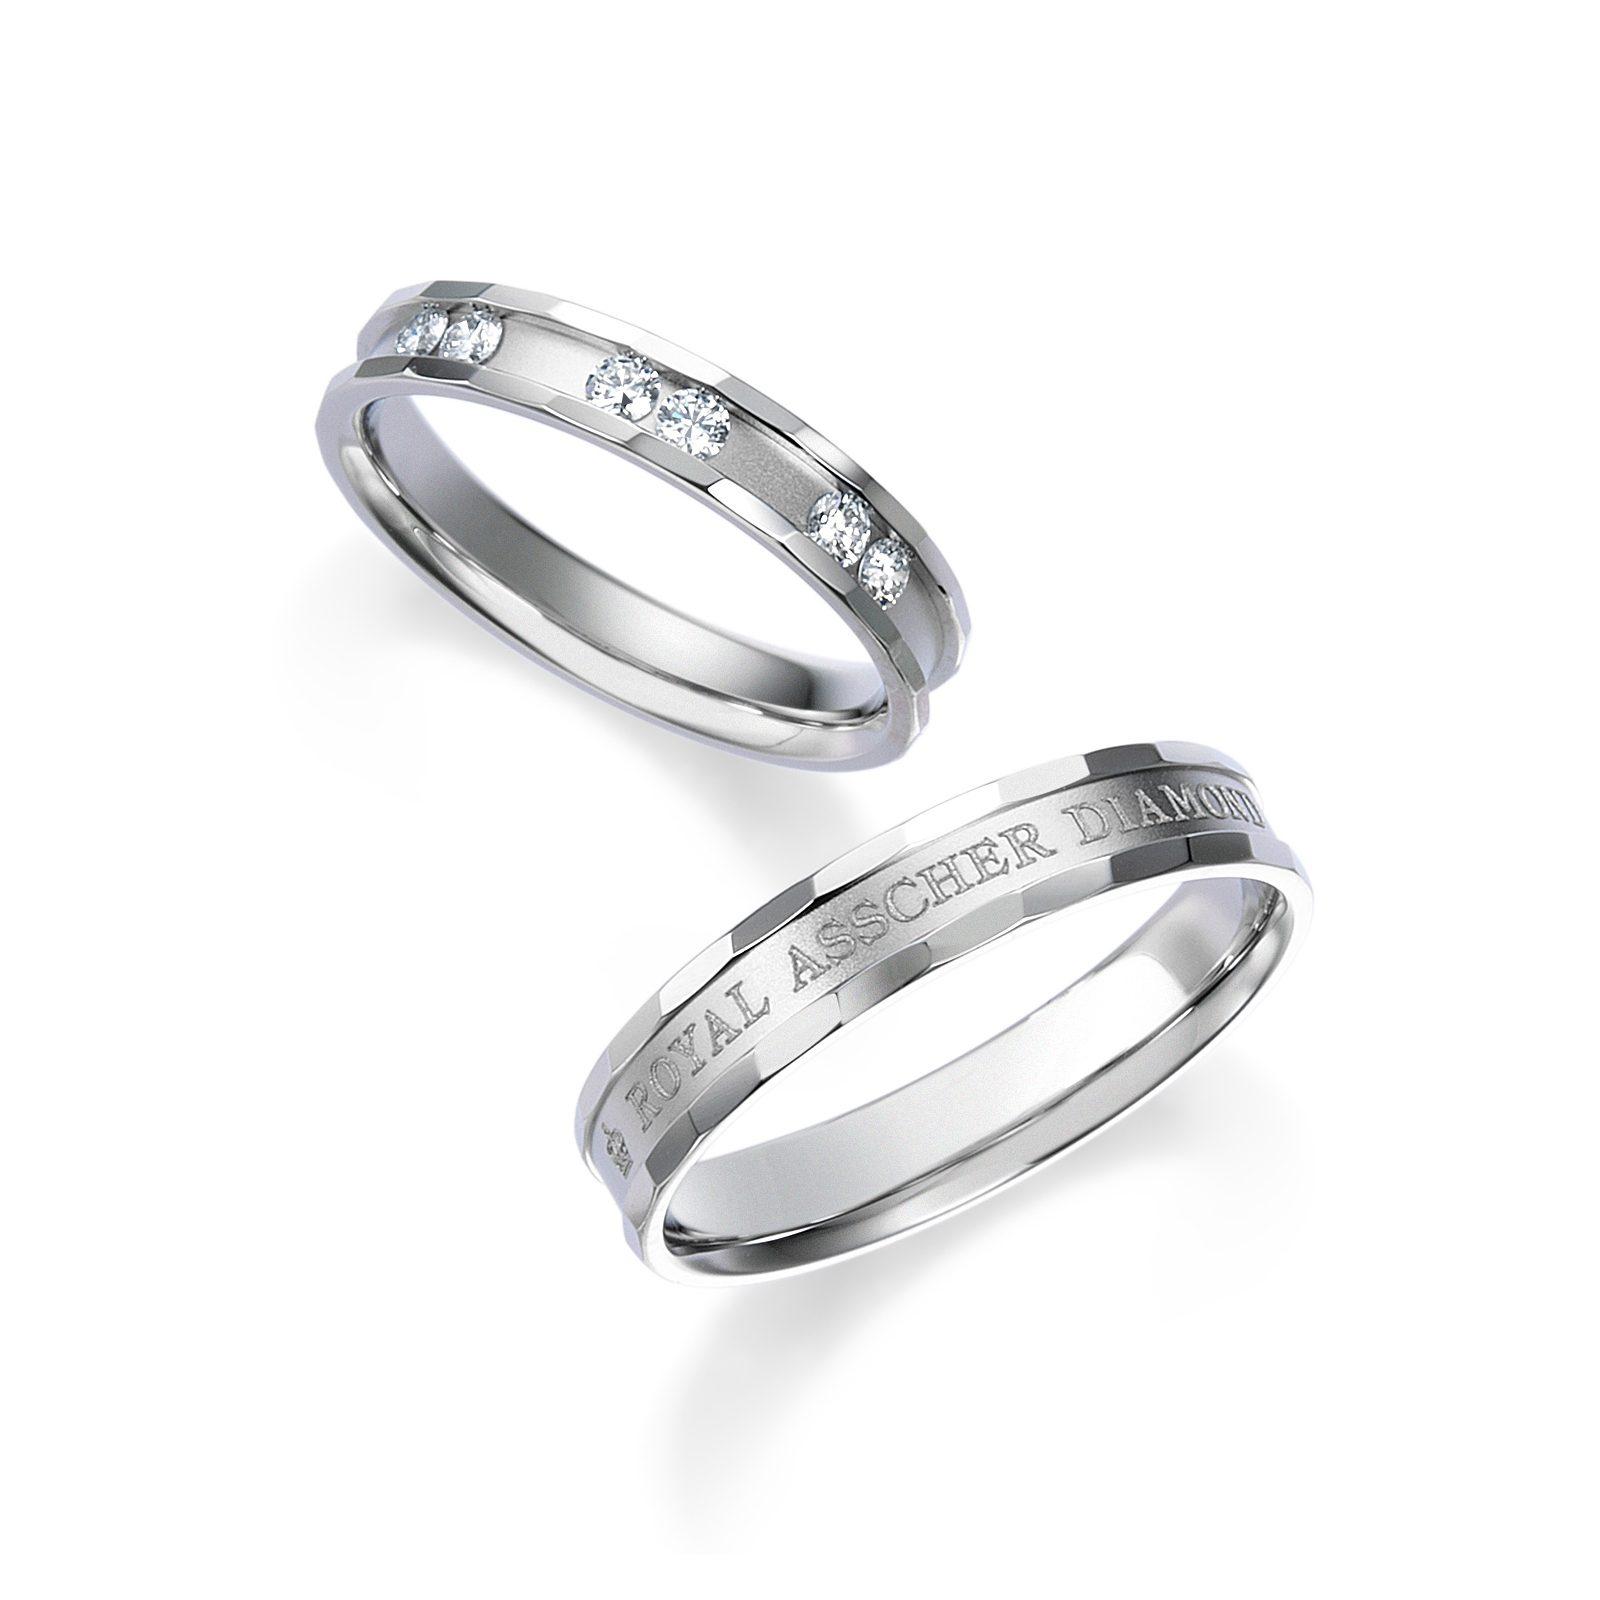 シンプル,ゴージャス,個性的 結婚指輪のWRB033 _WRA024